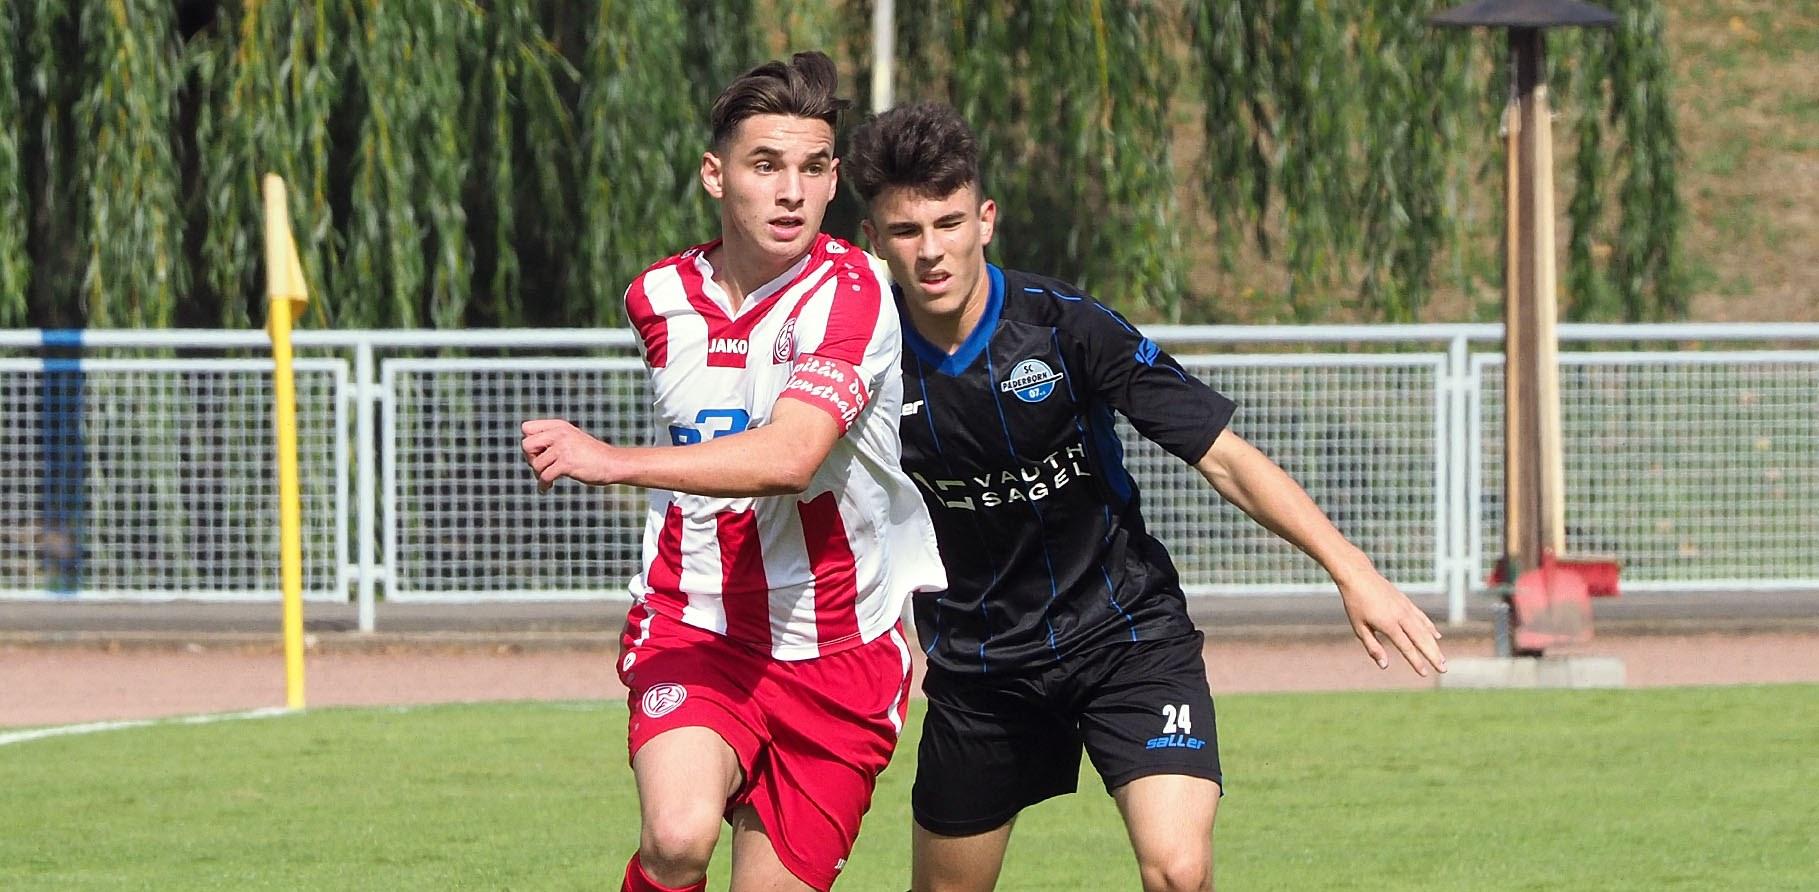 Nach einer Niederlage gegen Borussia Mönchengladbach steht für die U17 der Abstieg fest. (Foto: Gohl)